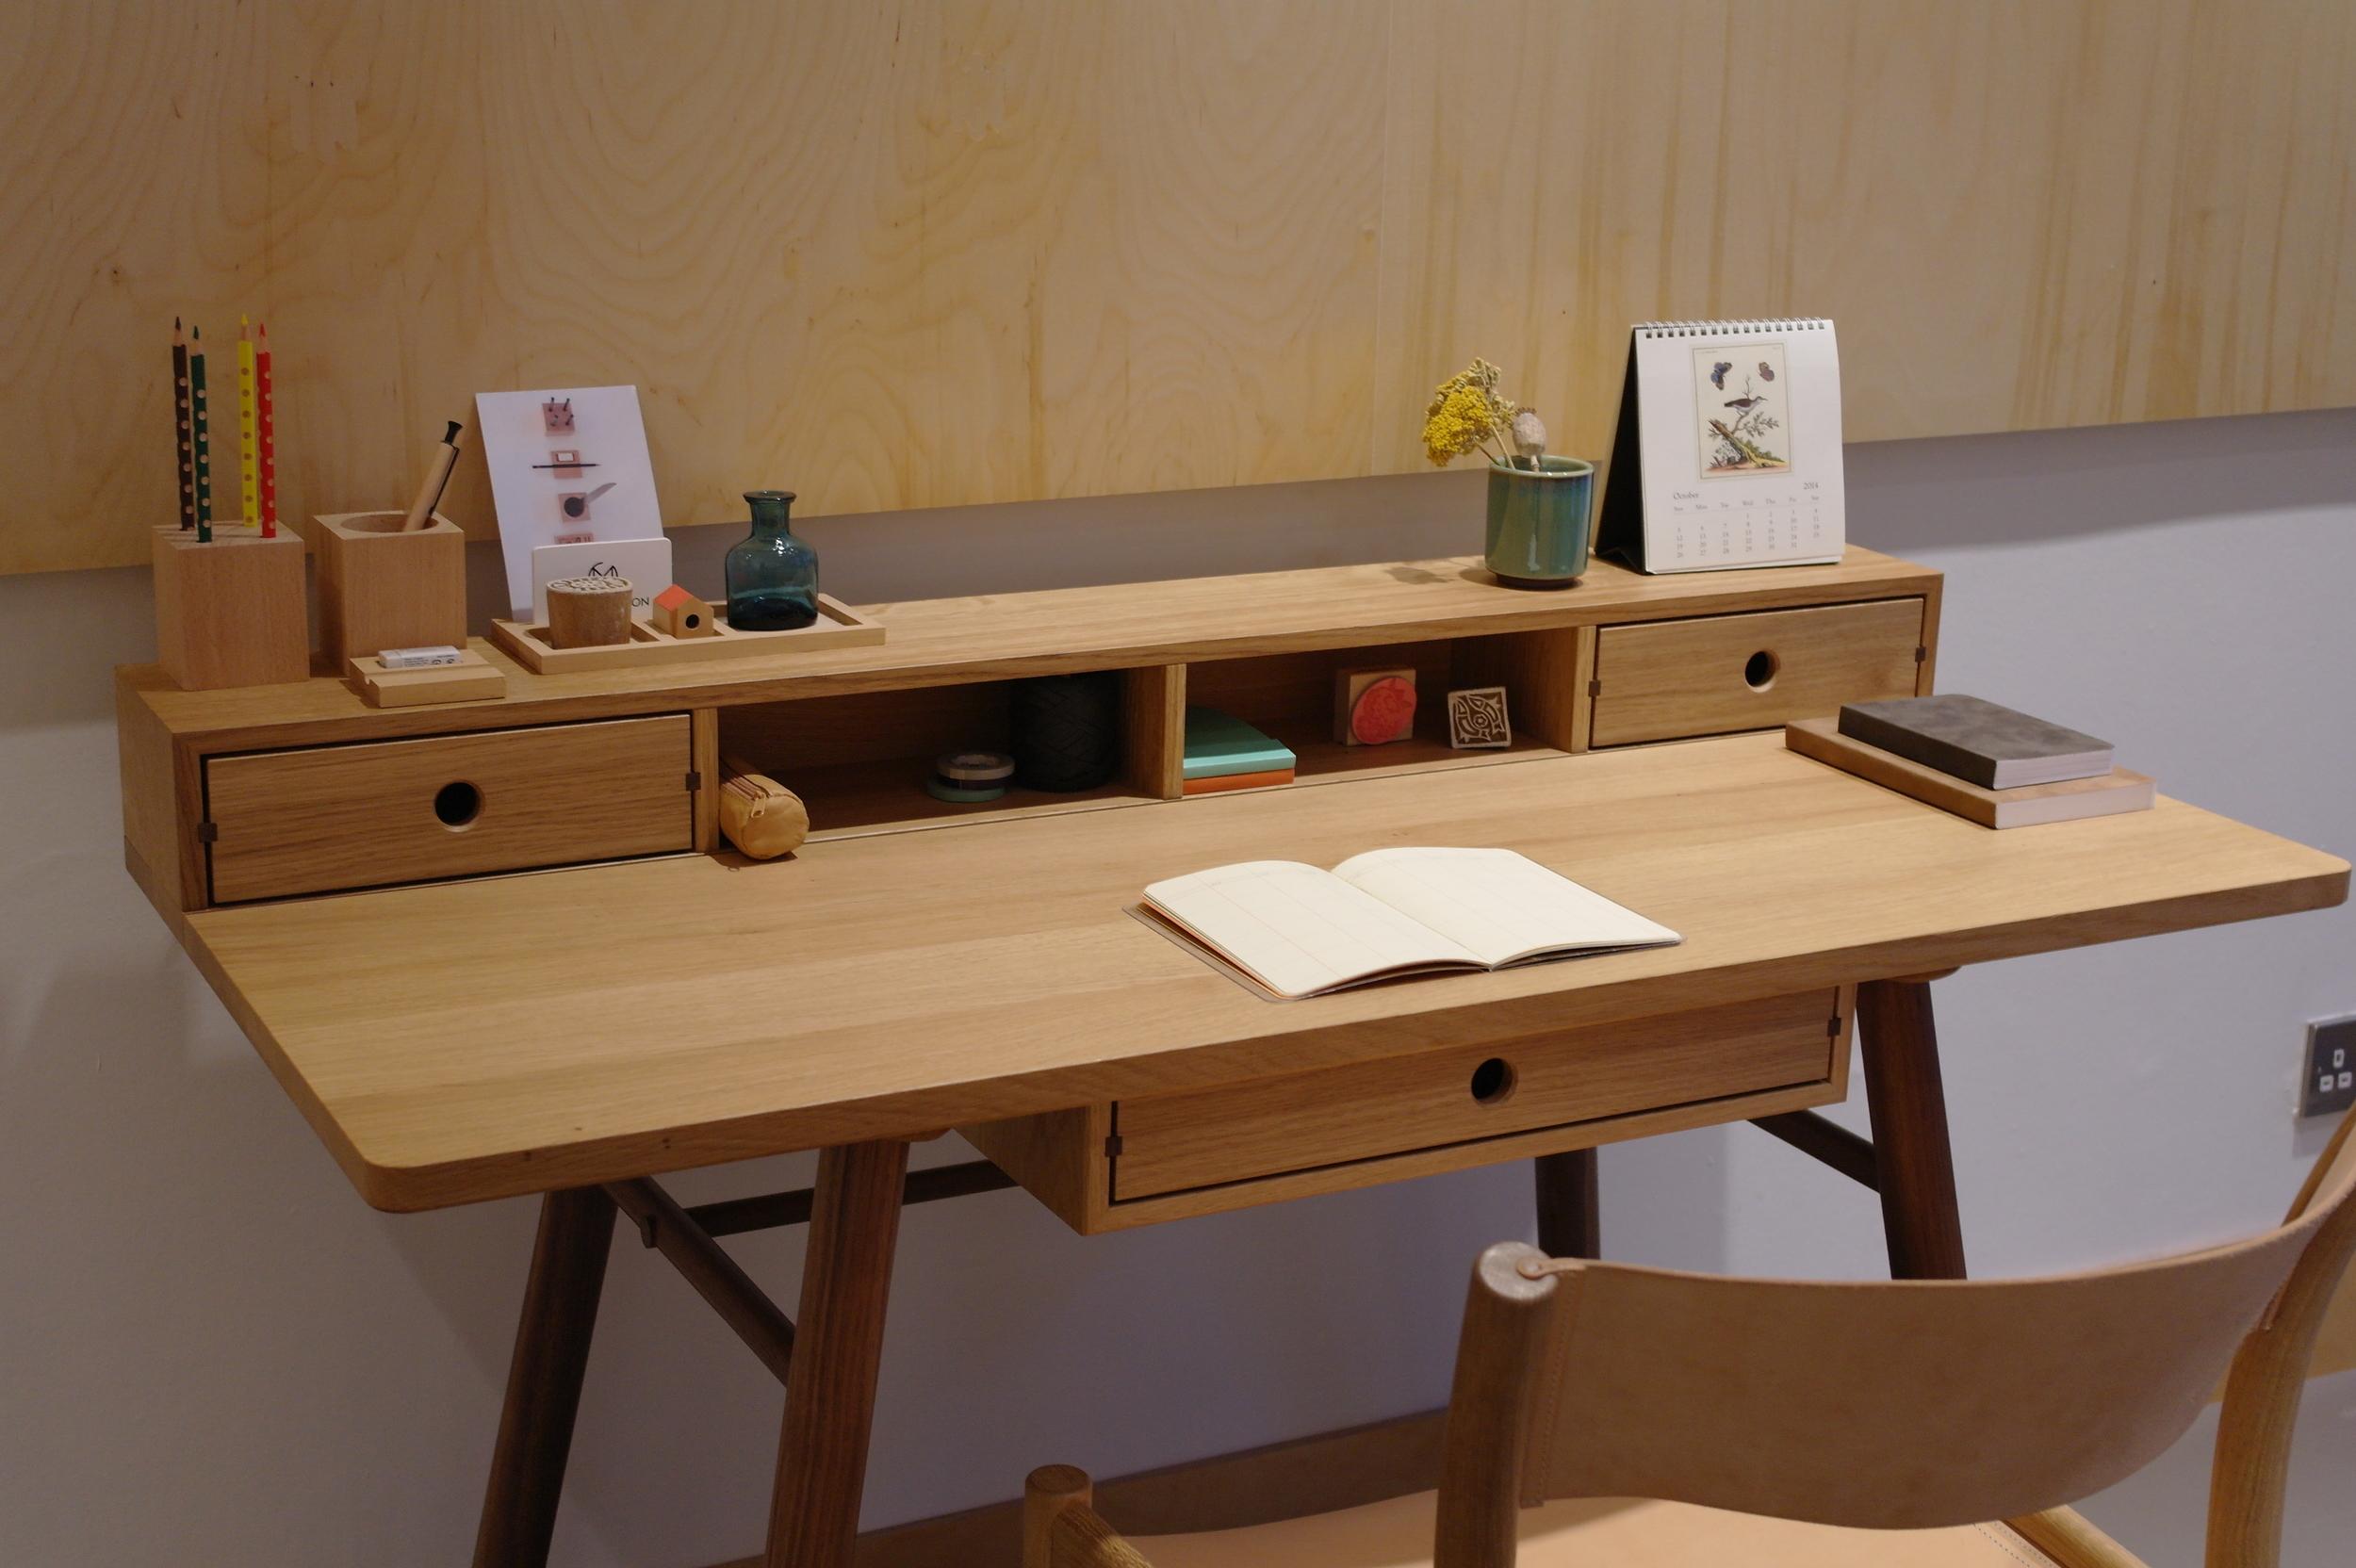 Hand crafted desk designed by furniture maker Namon Gaston